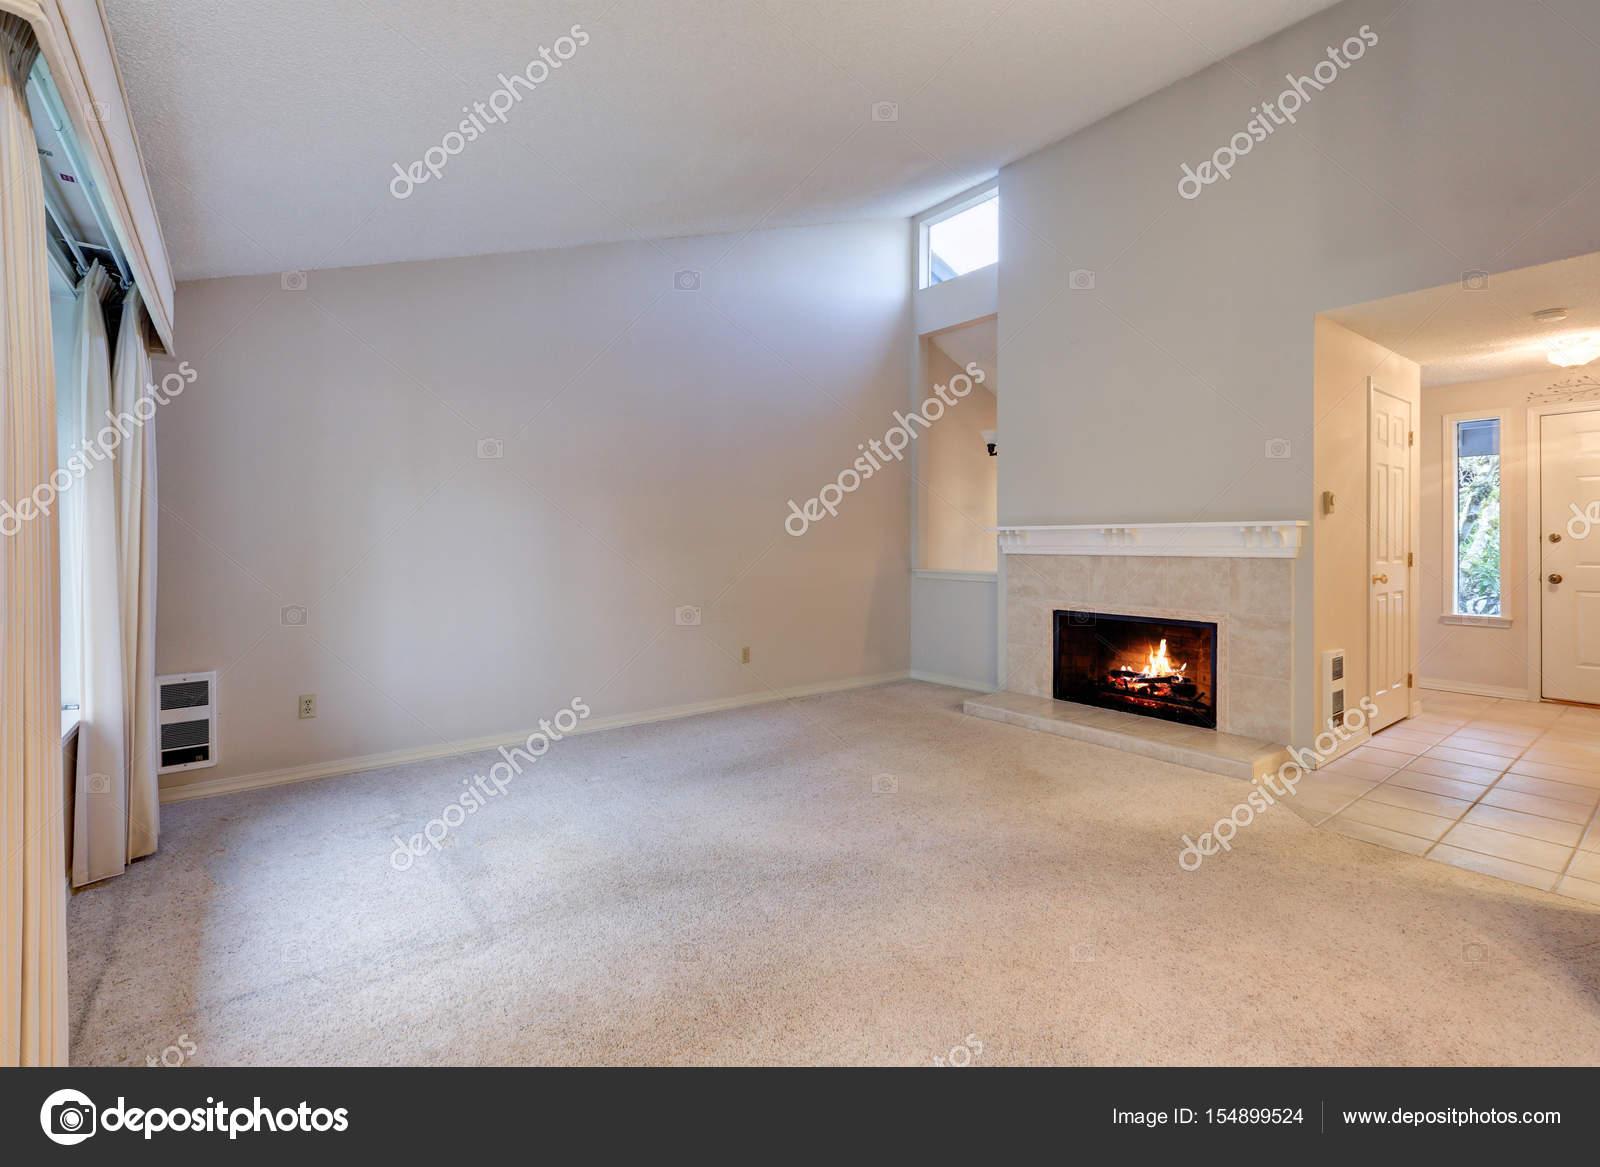 Spazio vuoto soggiorno con soffitto a volta e le pareti grige u2014 foto